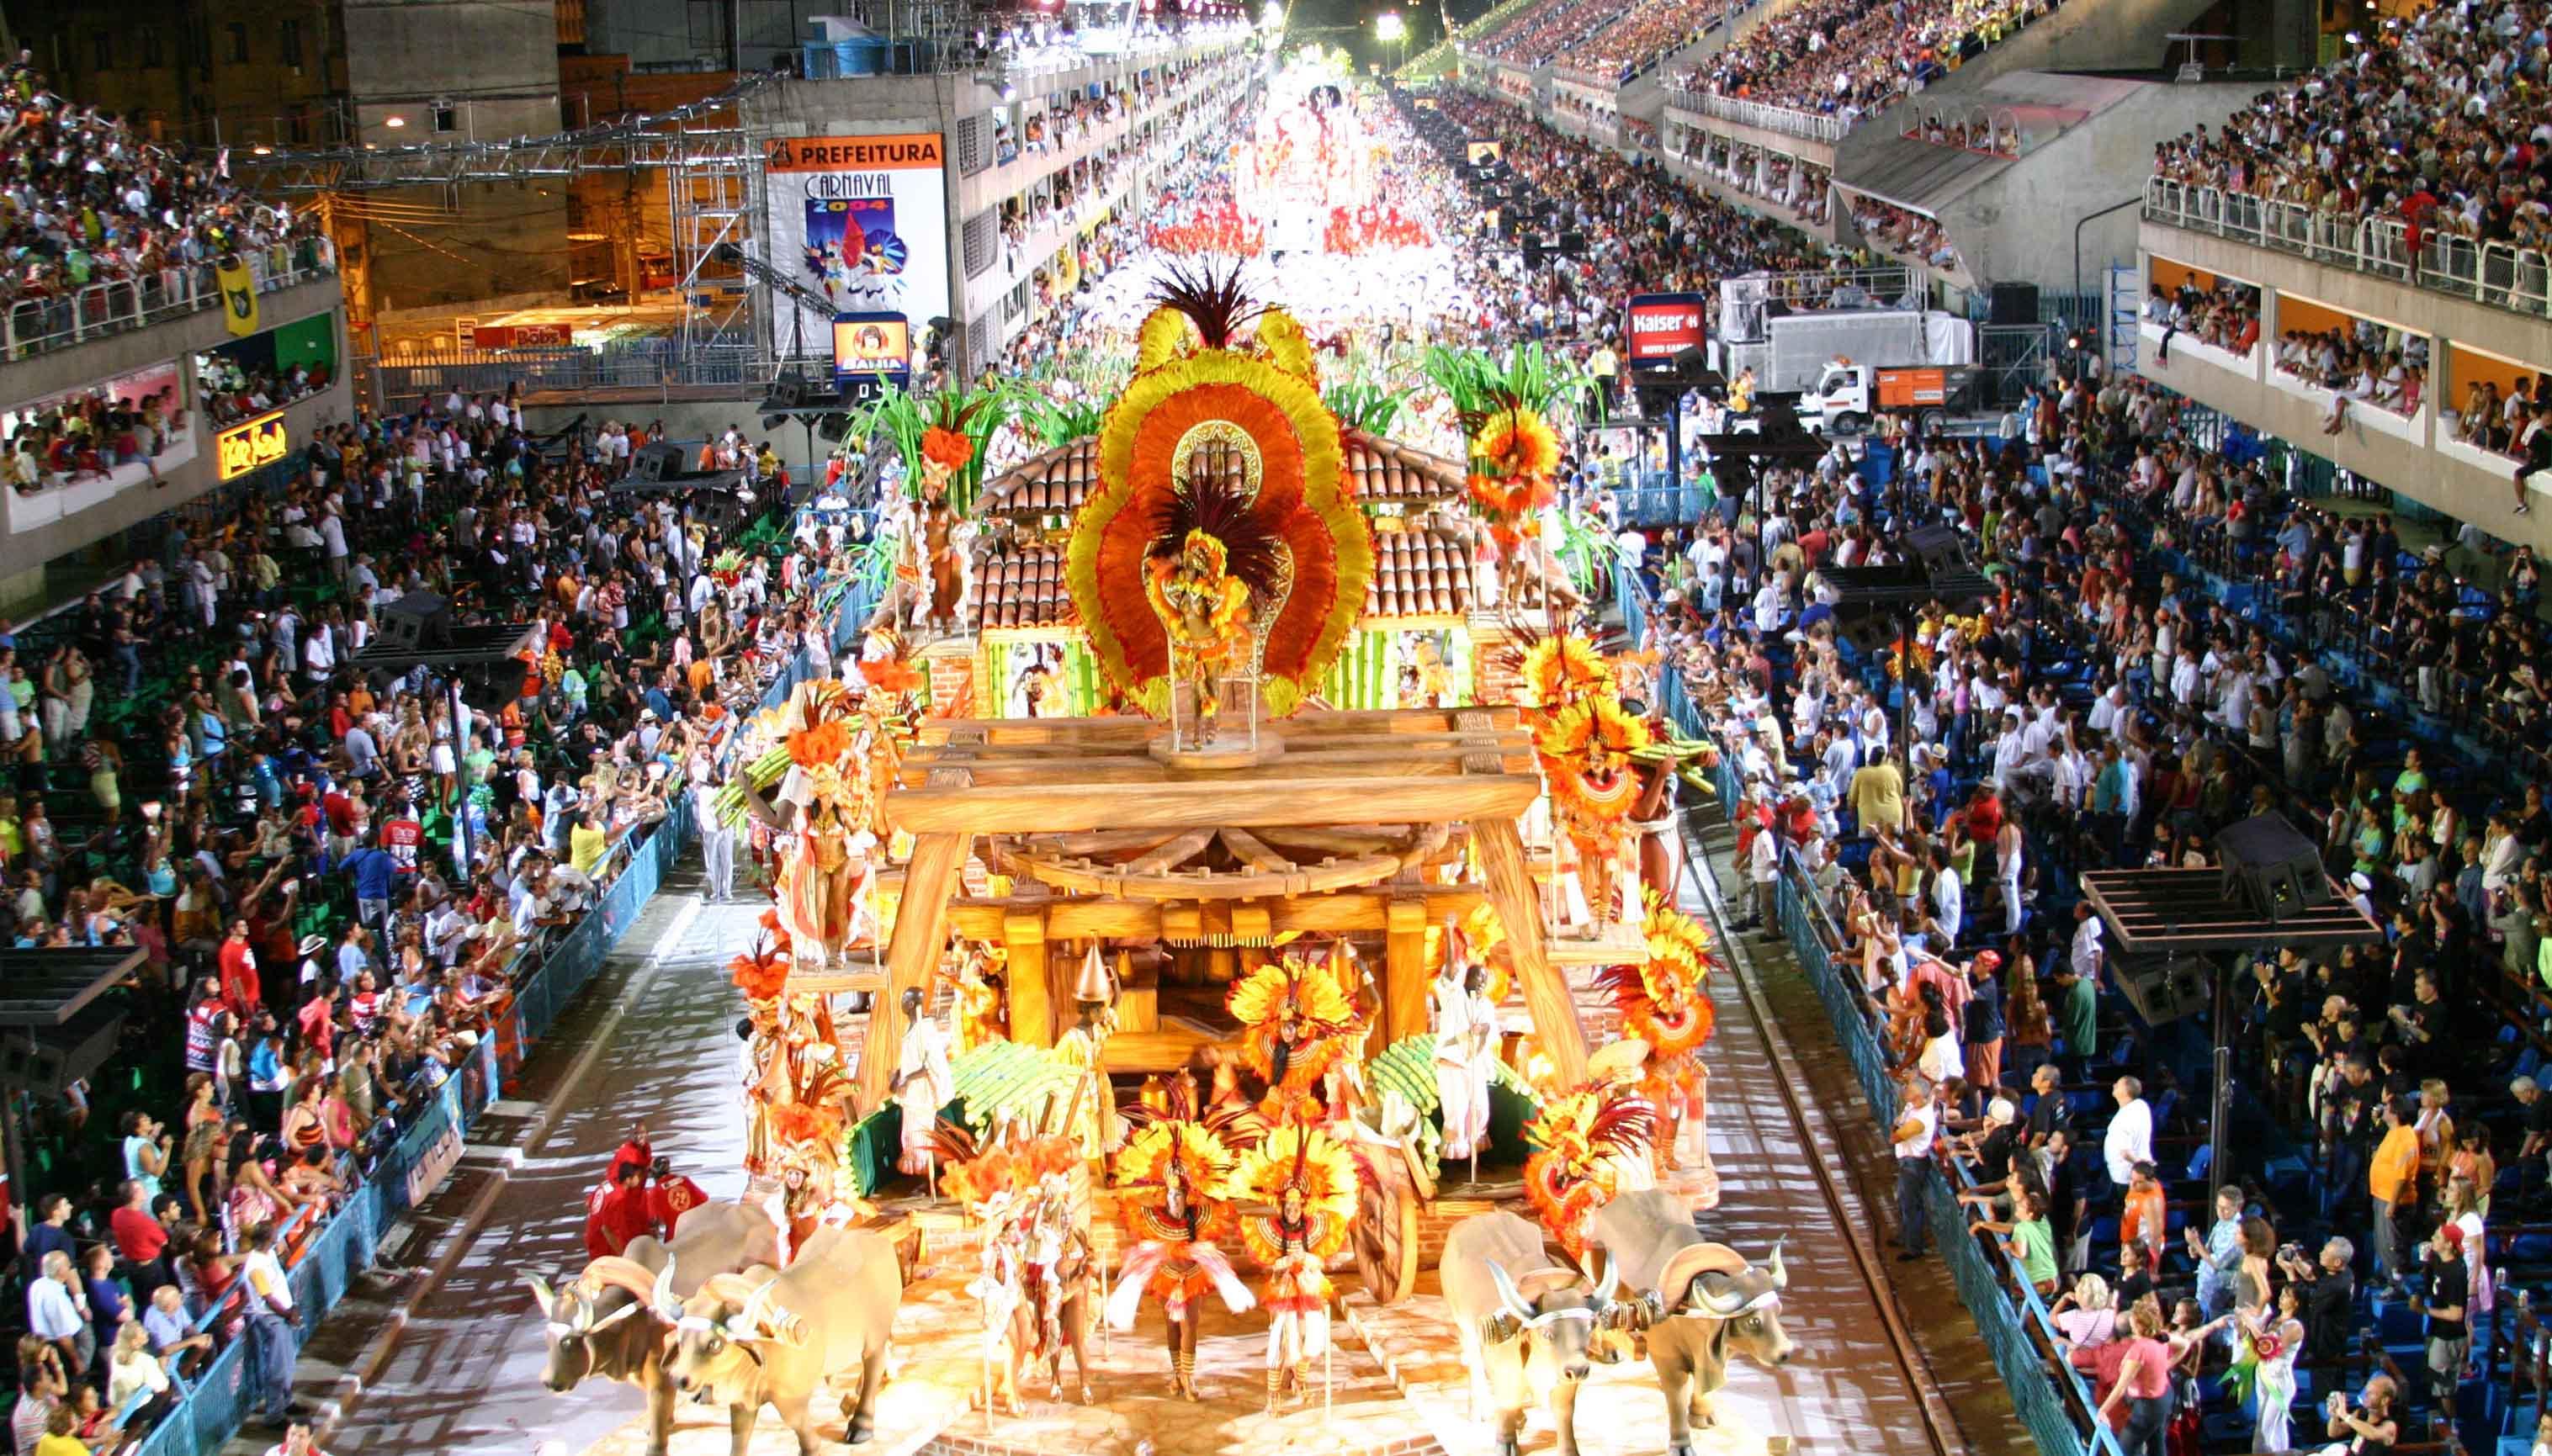 Festejo del carnaval en Río de Janeiro